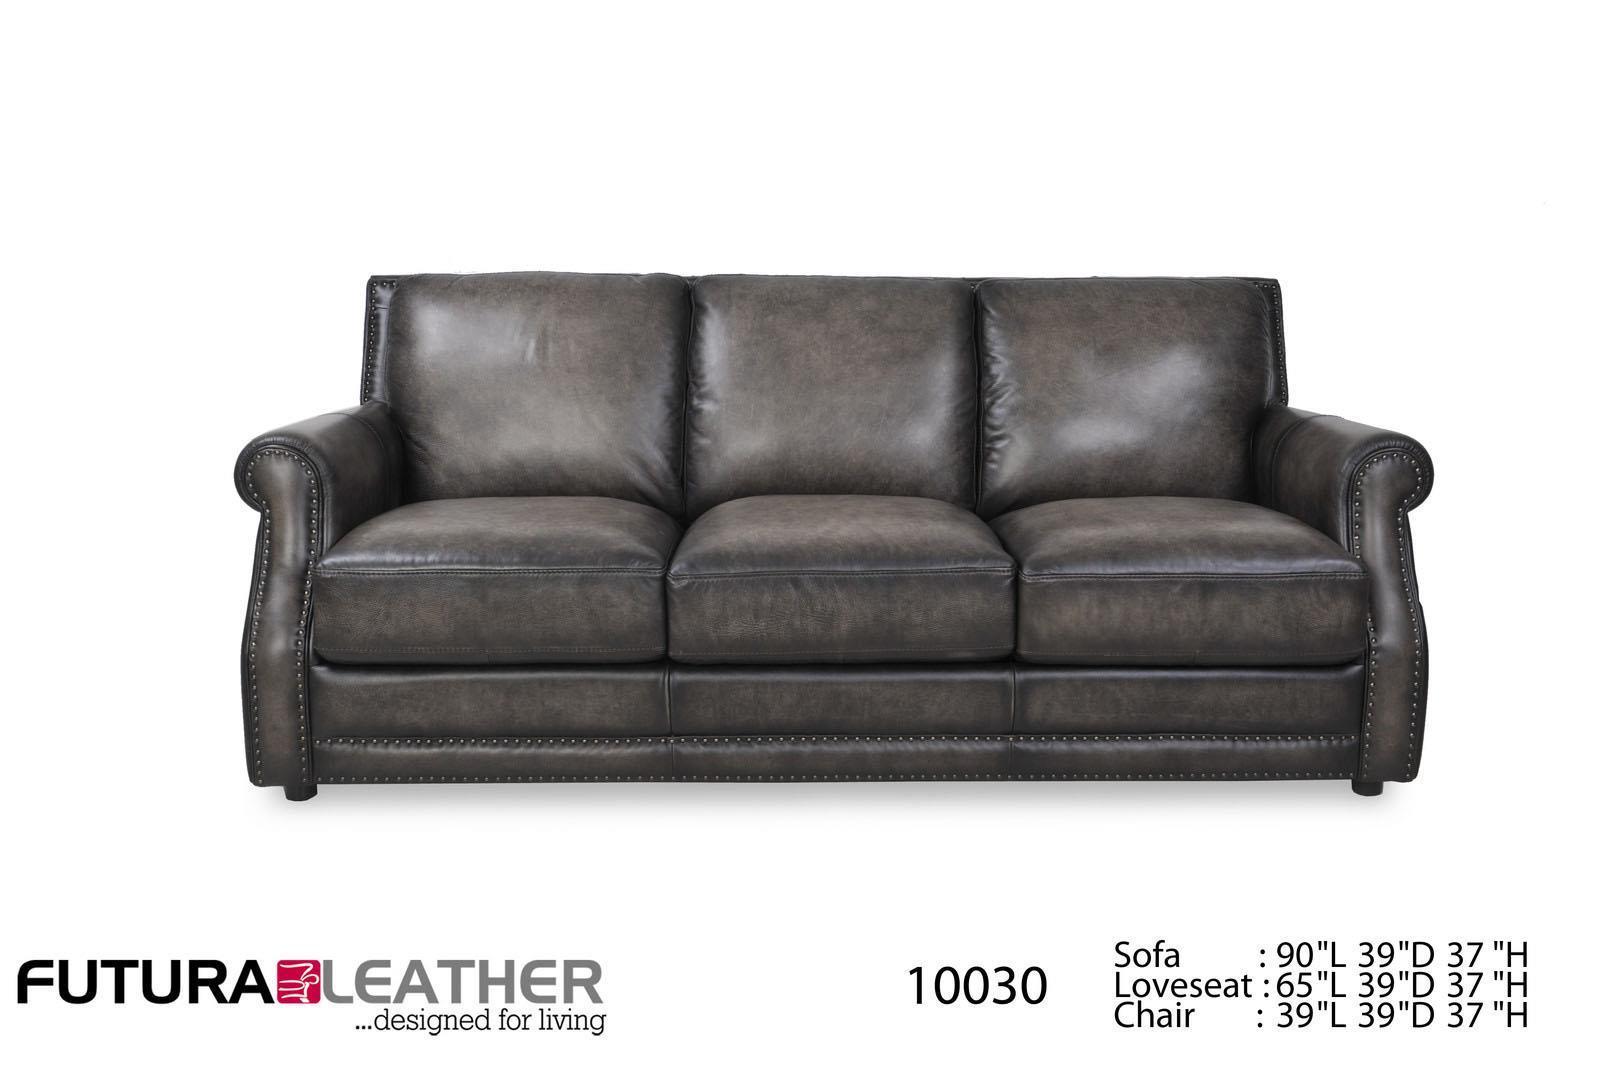 Futura Leather Fusion Fusion Charcoal Leather Sofa